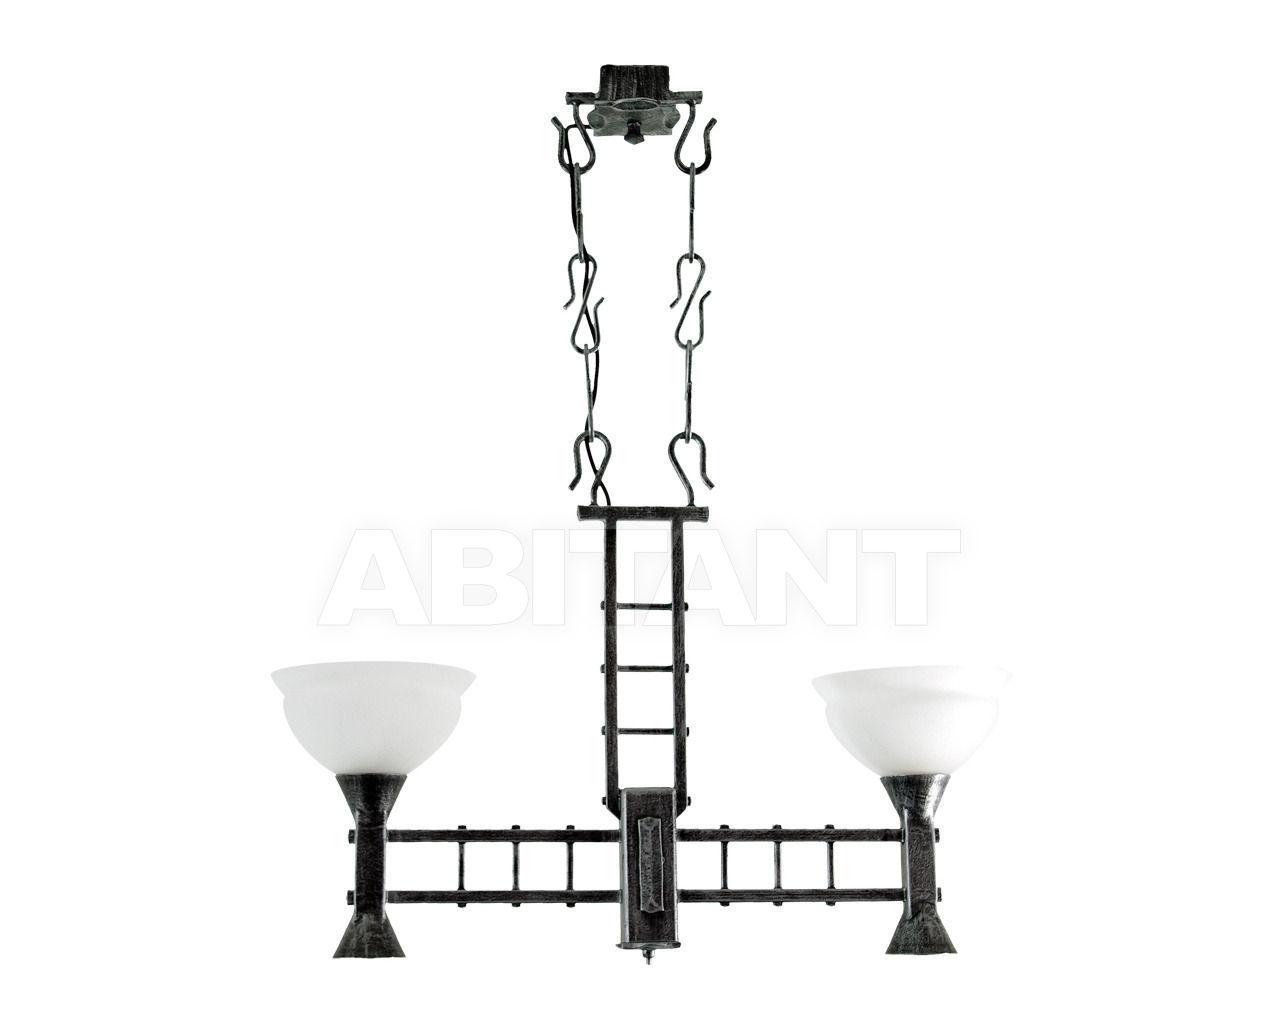 Купить Светильник FMB Leuchten Schmiedeeisen Lampen Und Leuchten 94357